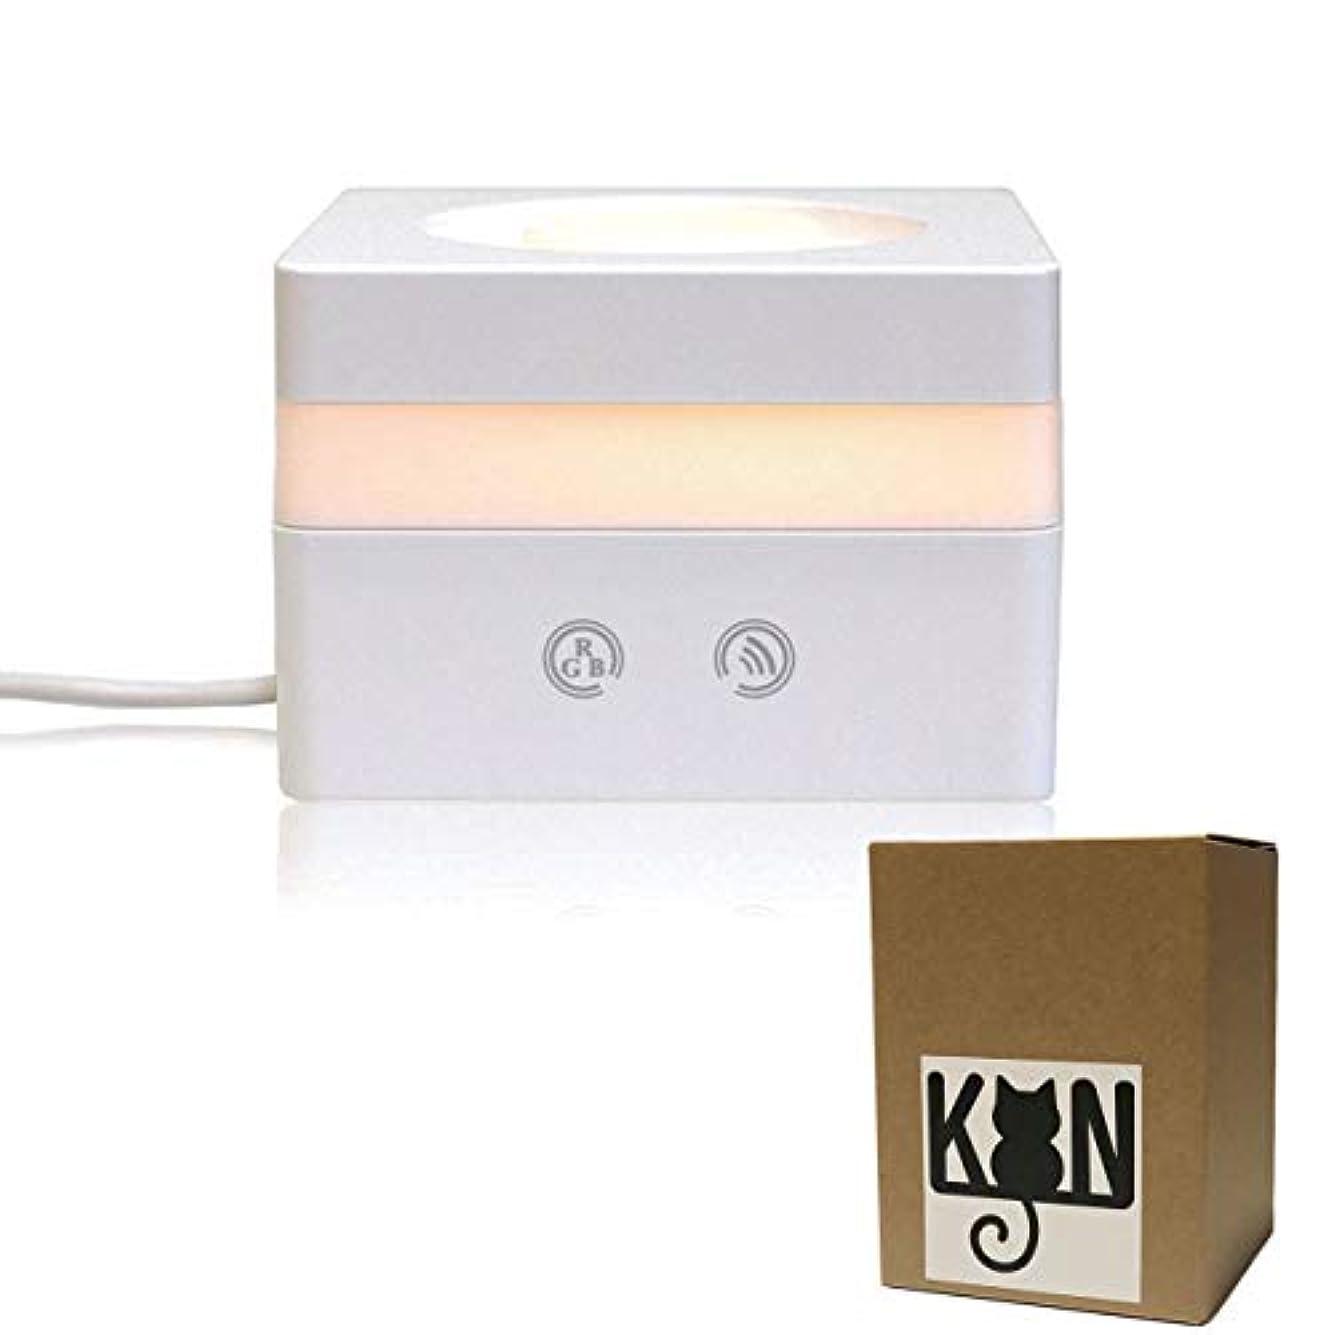 避ける権限失速KON アロマディフューザー 超音波式 アロマ加湿器 卓上 アロマ ムードランプ 七色変換LEDライト USB給電式 空焚き防止機能 卓上加湿器 キューブ型